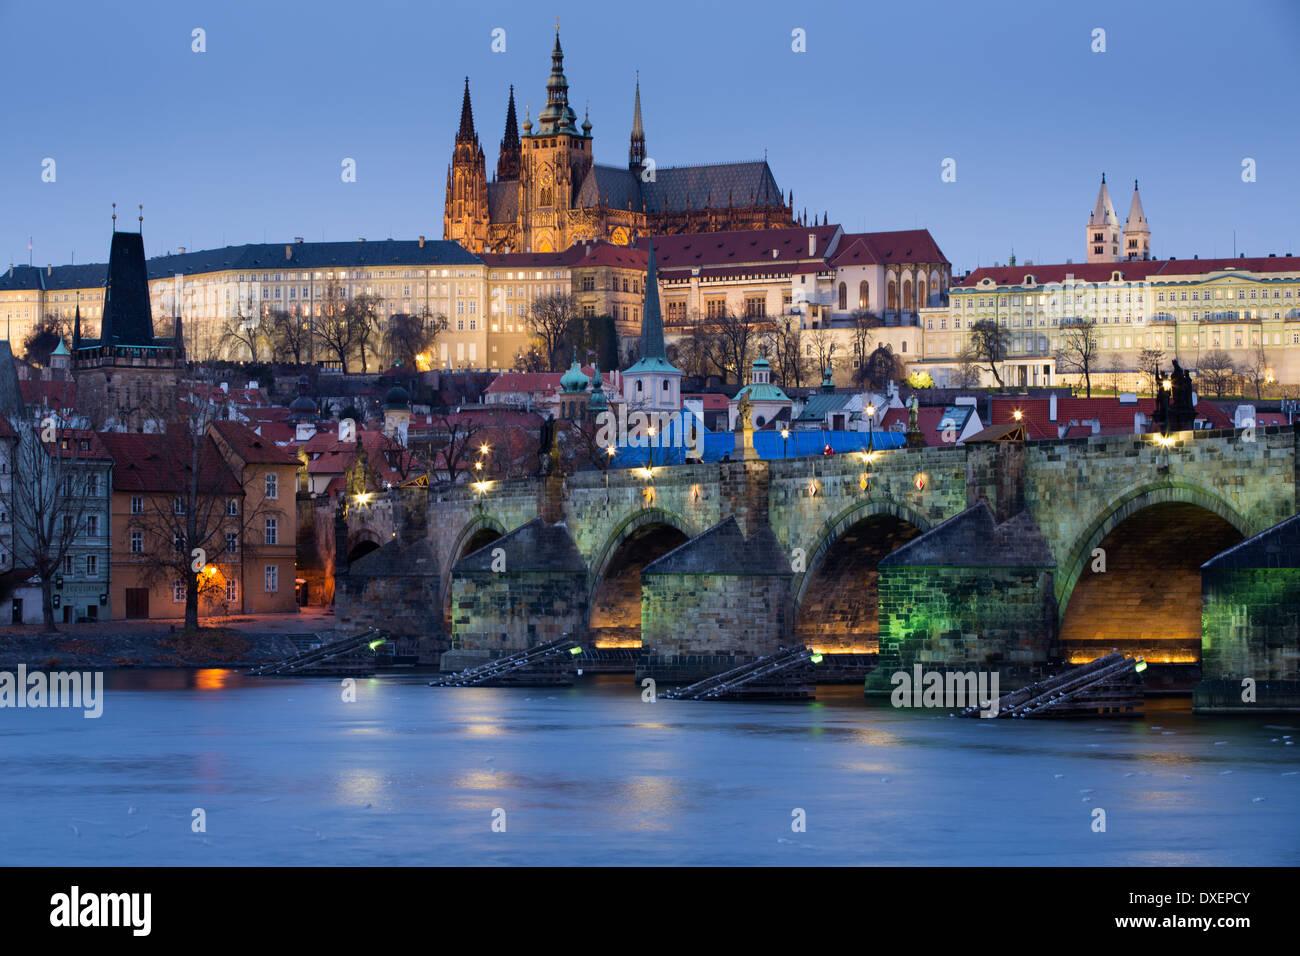 Il quartiere del castello, la Cattedrale di San Vito e il Ponte Carlo sul fiume Moldava al crepuscolo, Praga, Repubblica Ceca Immagini Stock